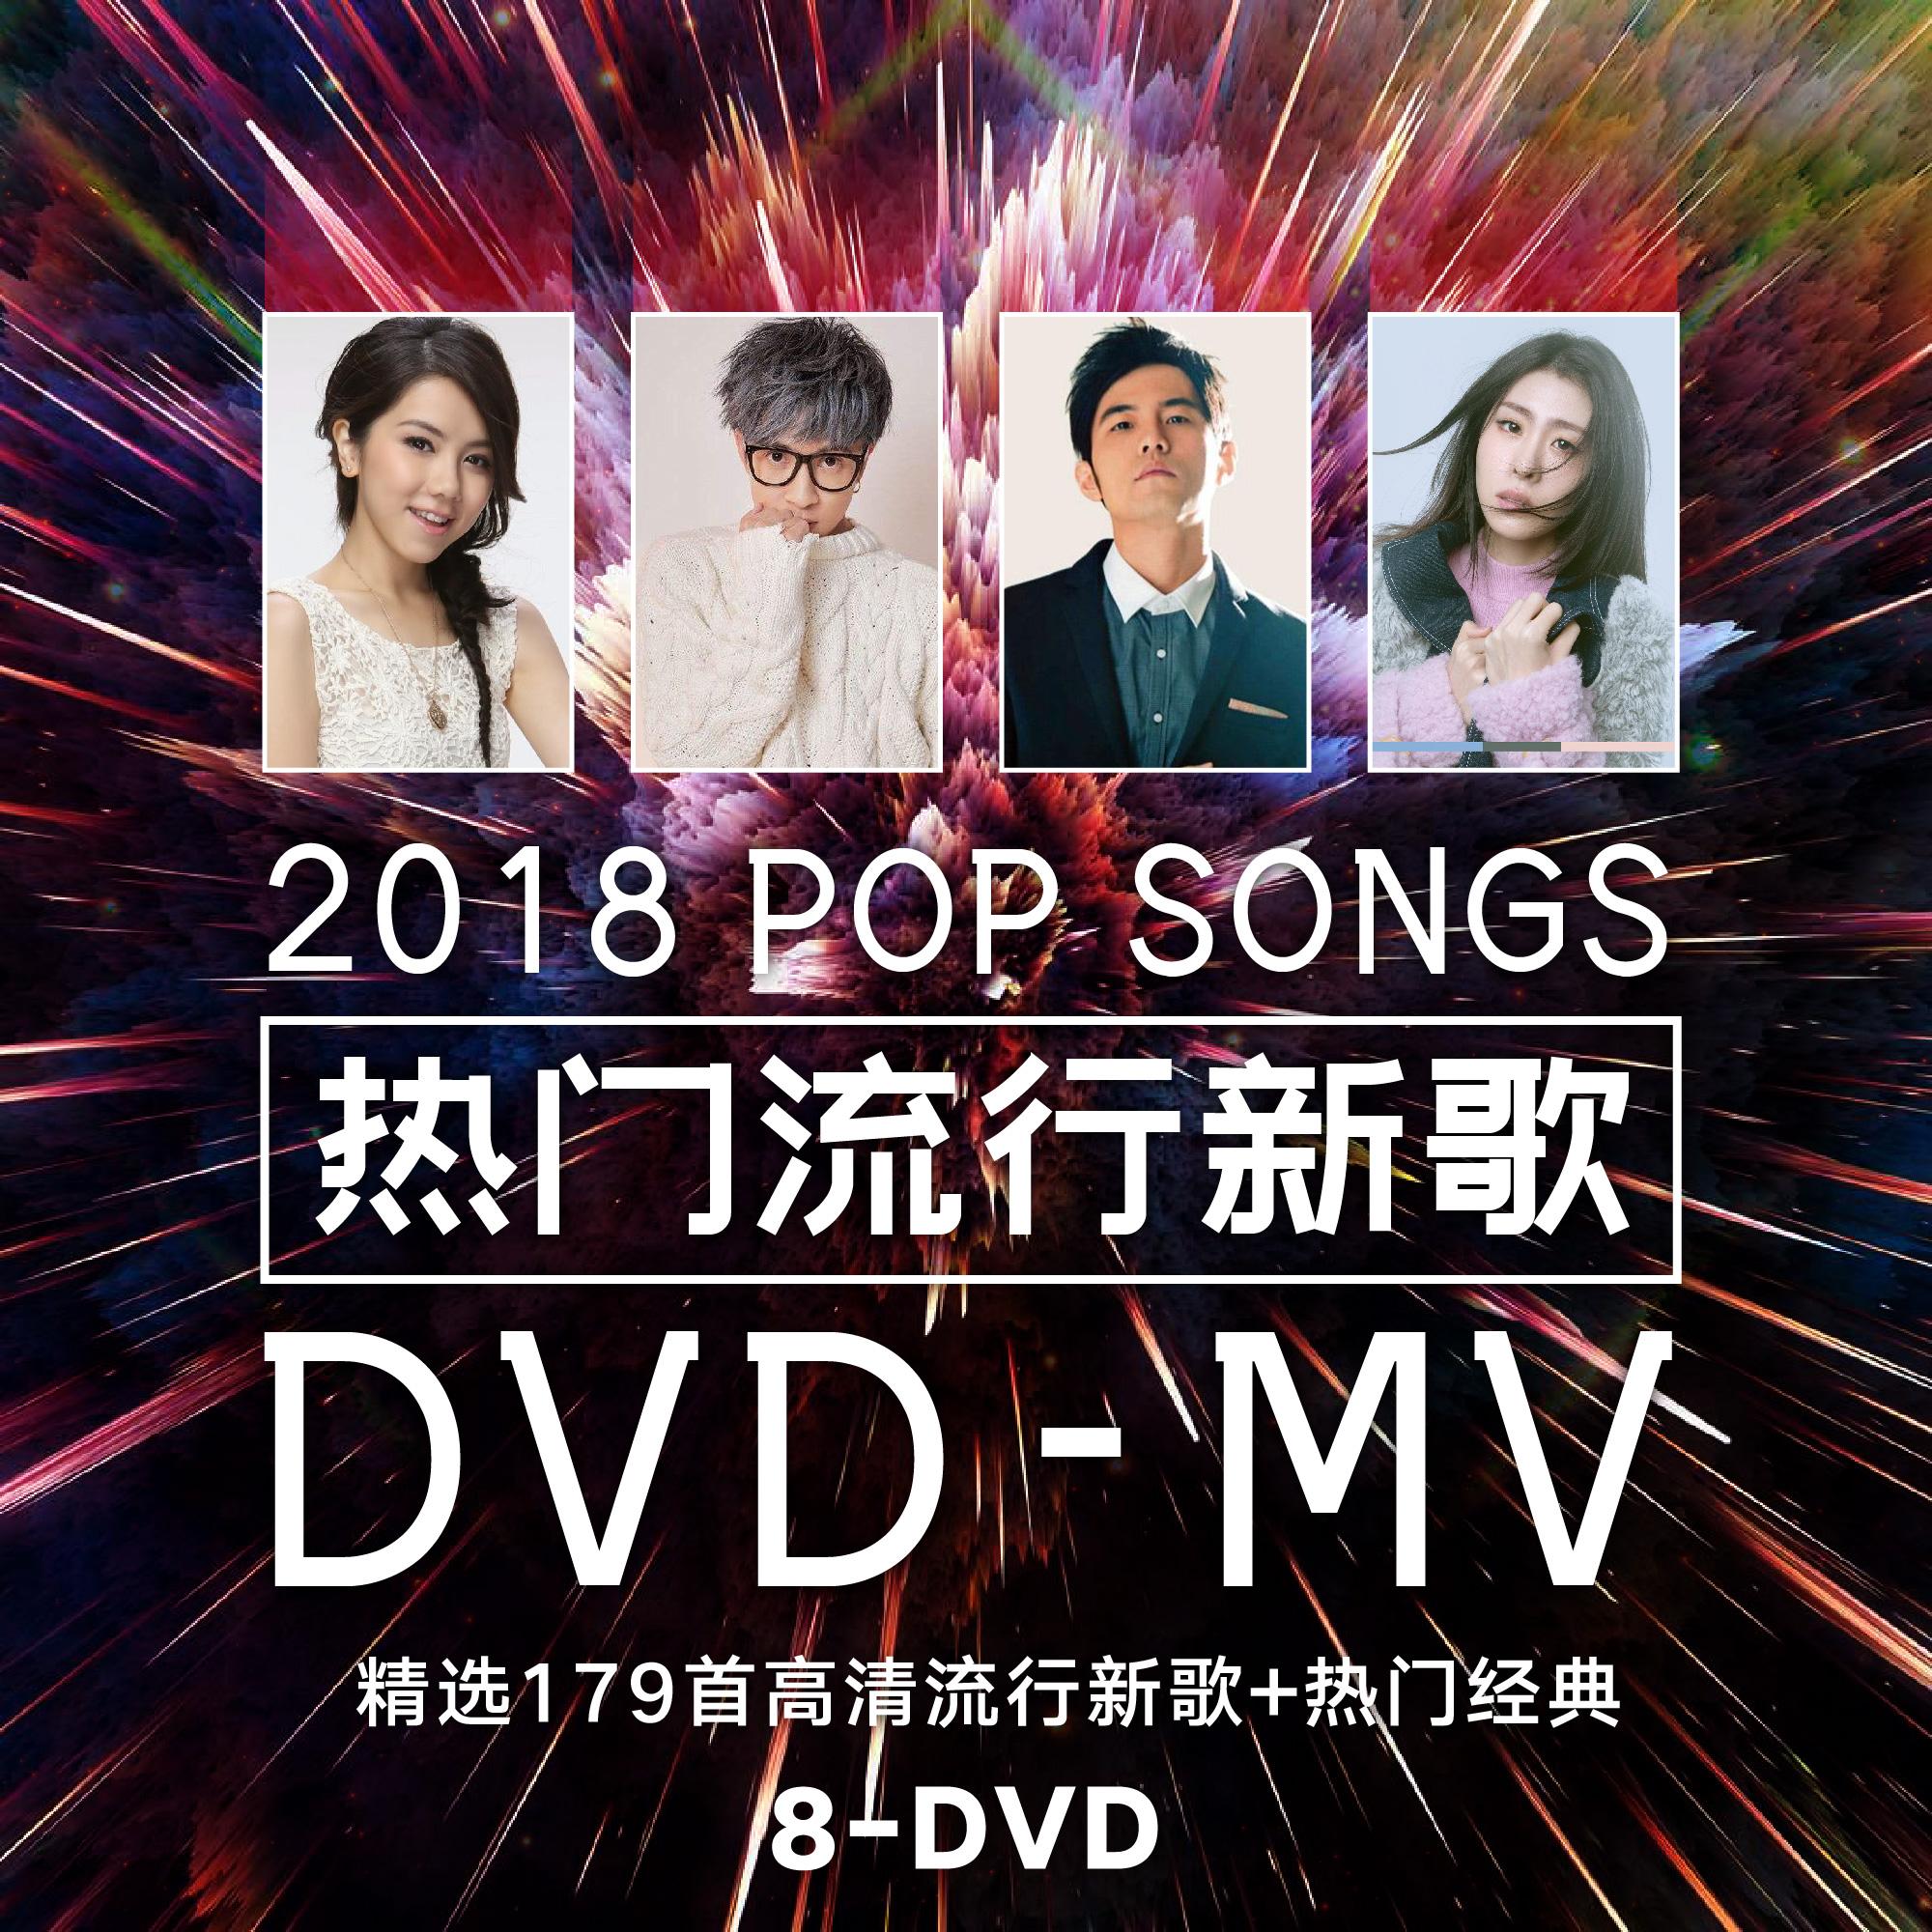 2018热门流行新歌汽车载DVD音乐光盘碟片视频MV高清视频唱片抖音